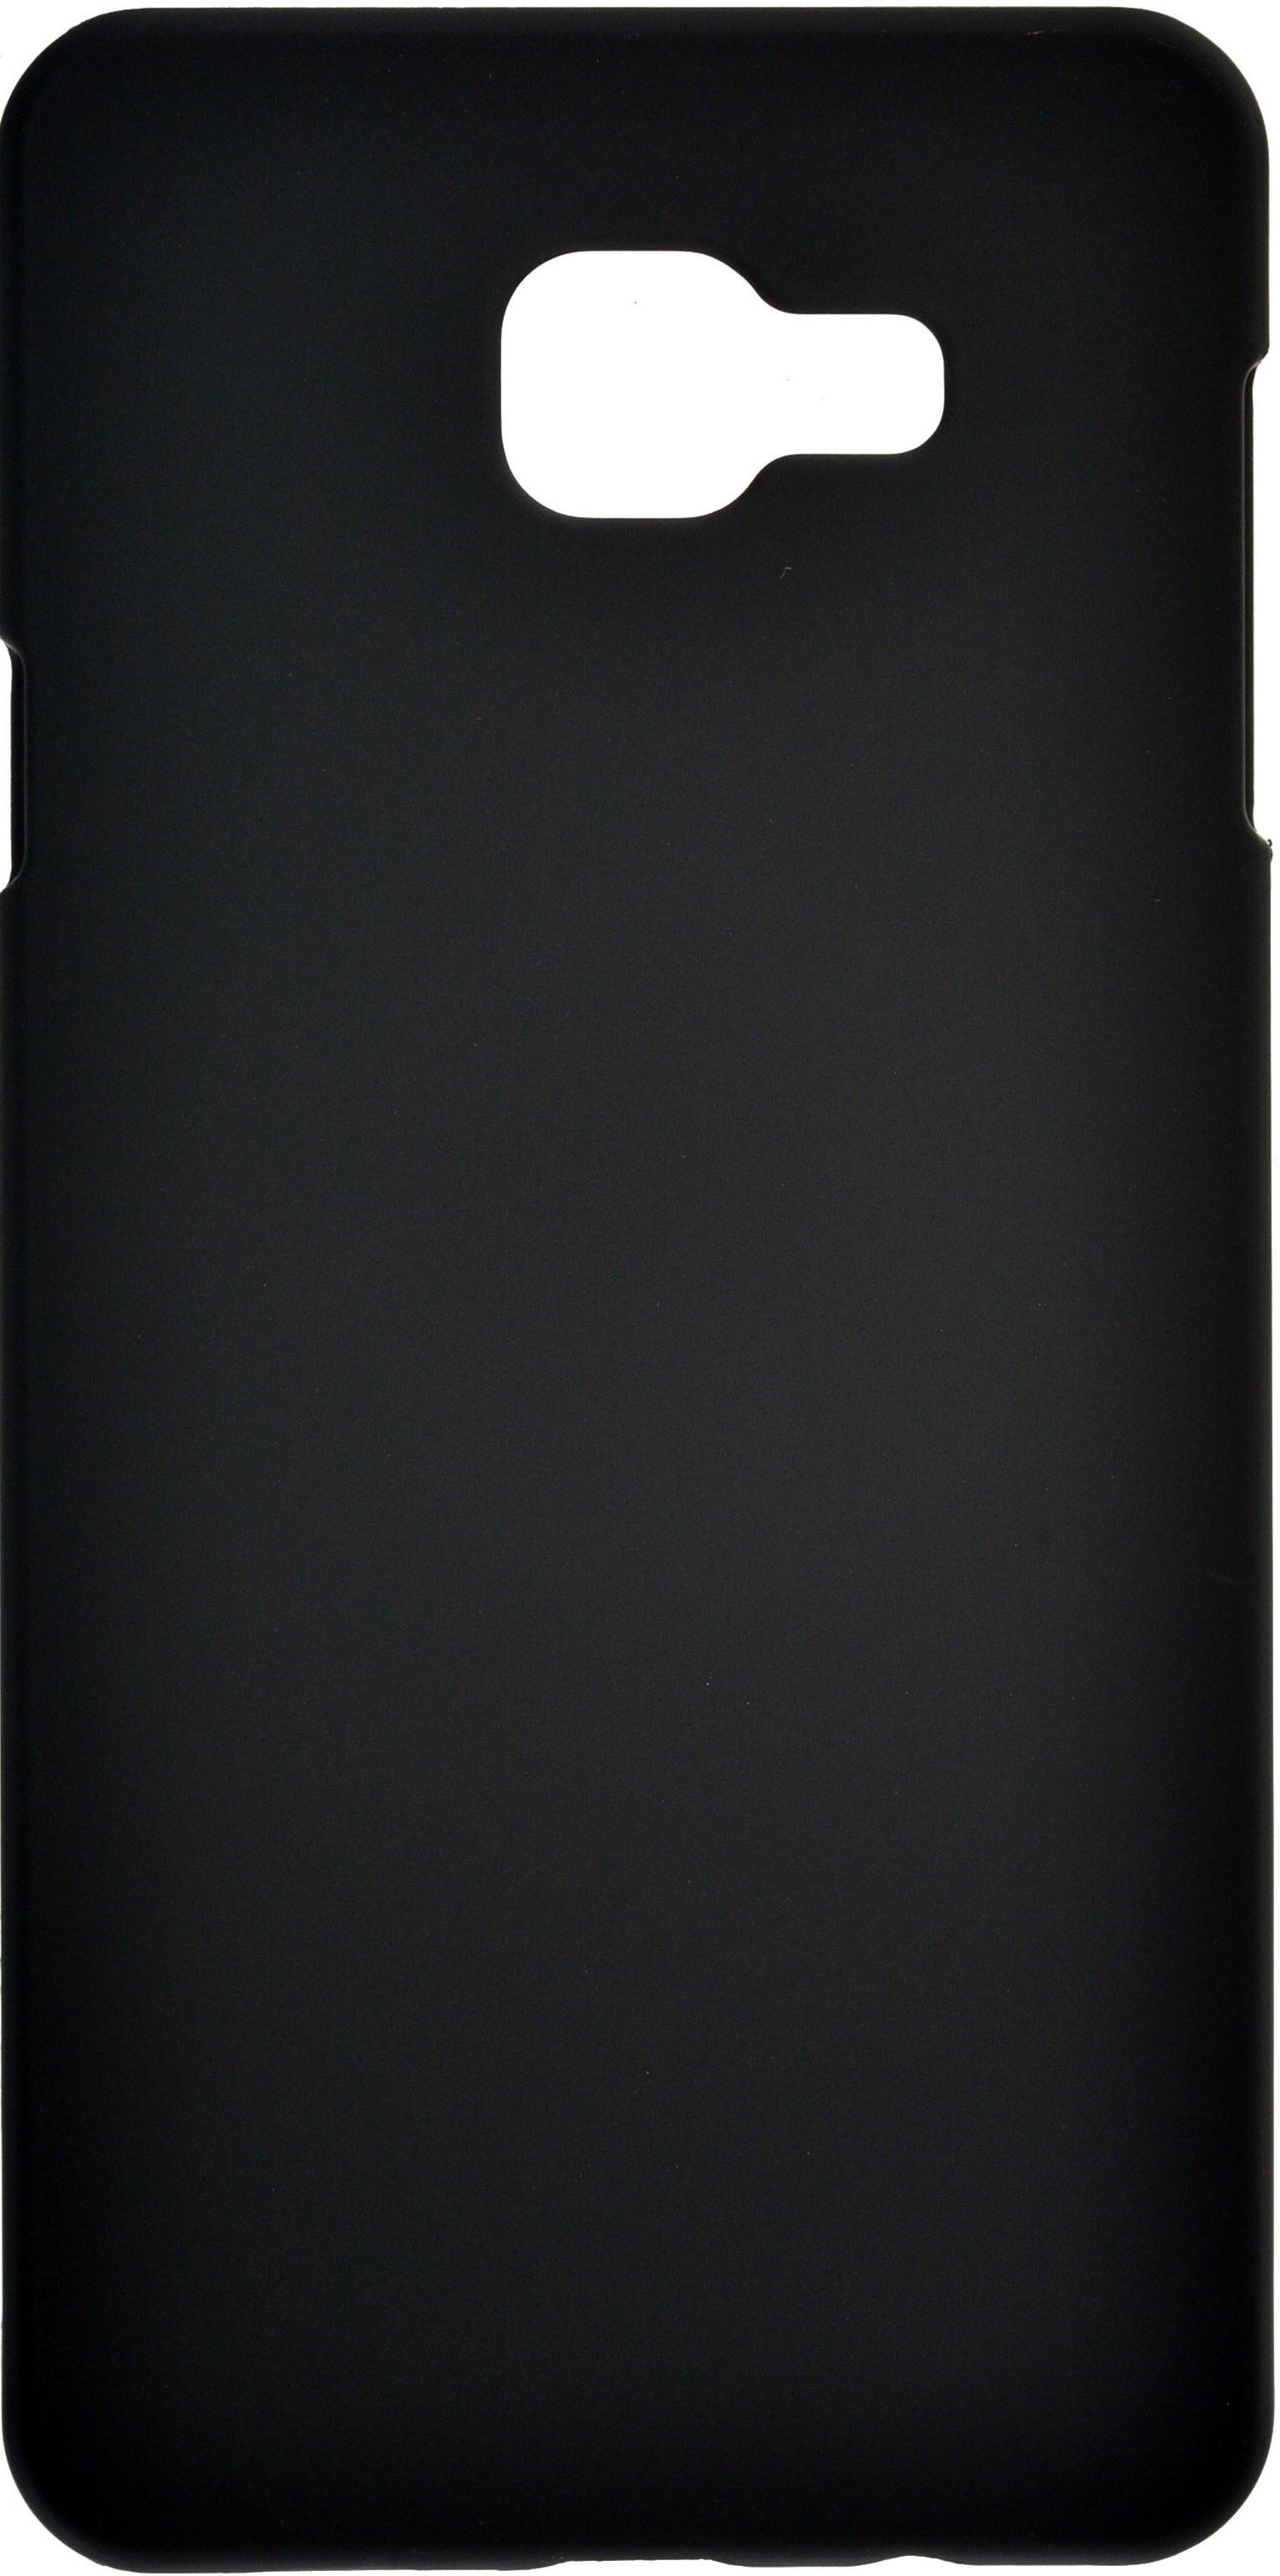 Чехол для сотового телефона skinBOX 4People, 4630042527744, черный аксессуар защитная пленка meizu m2 mini tfn матовая